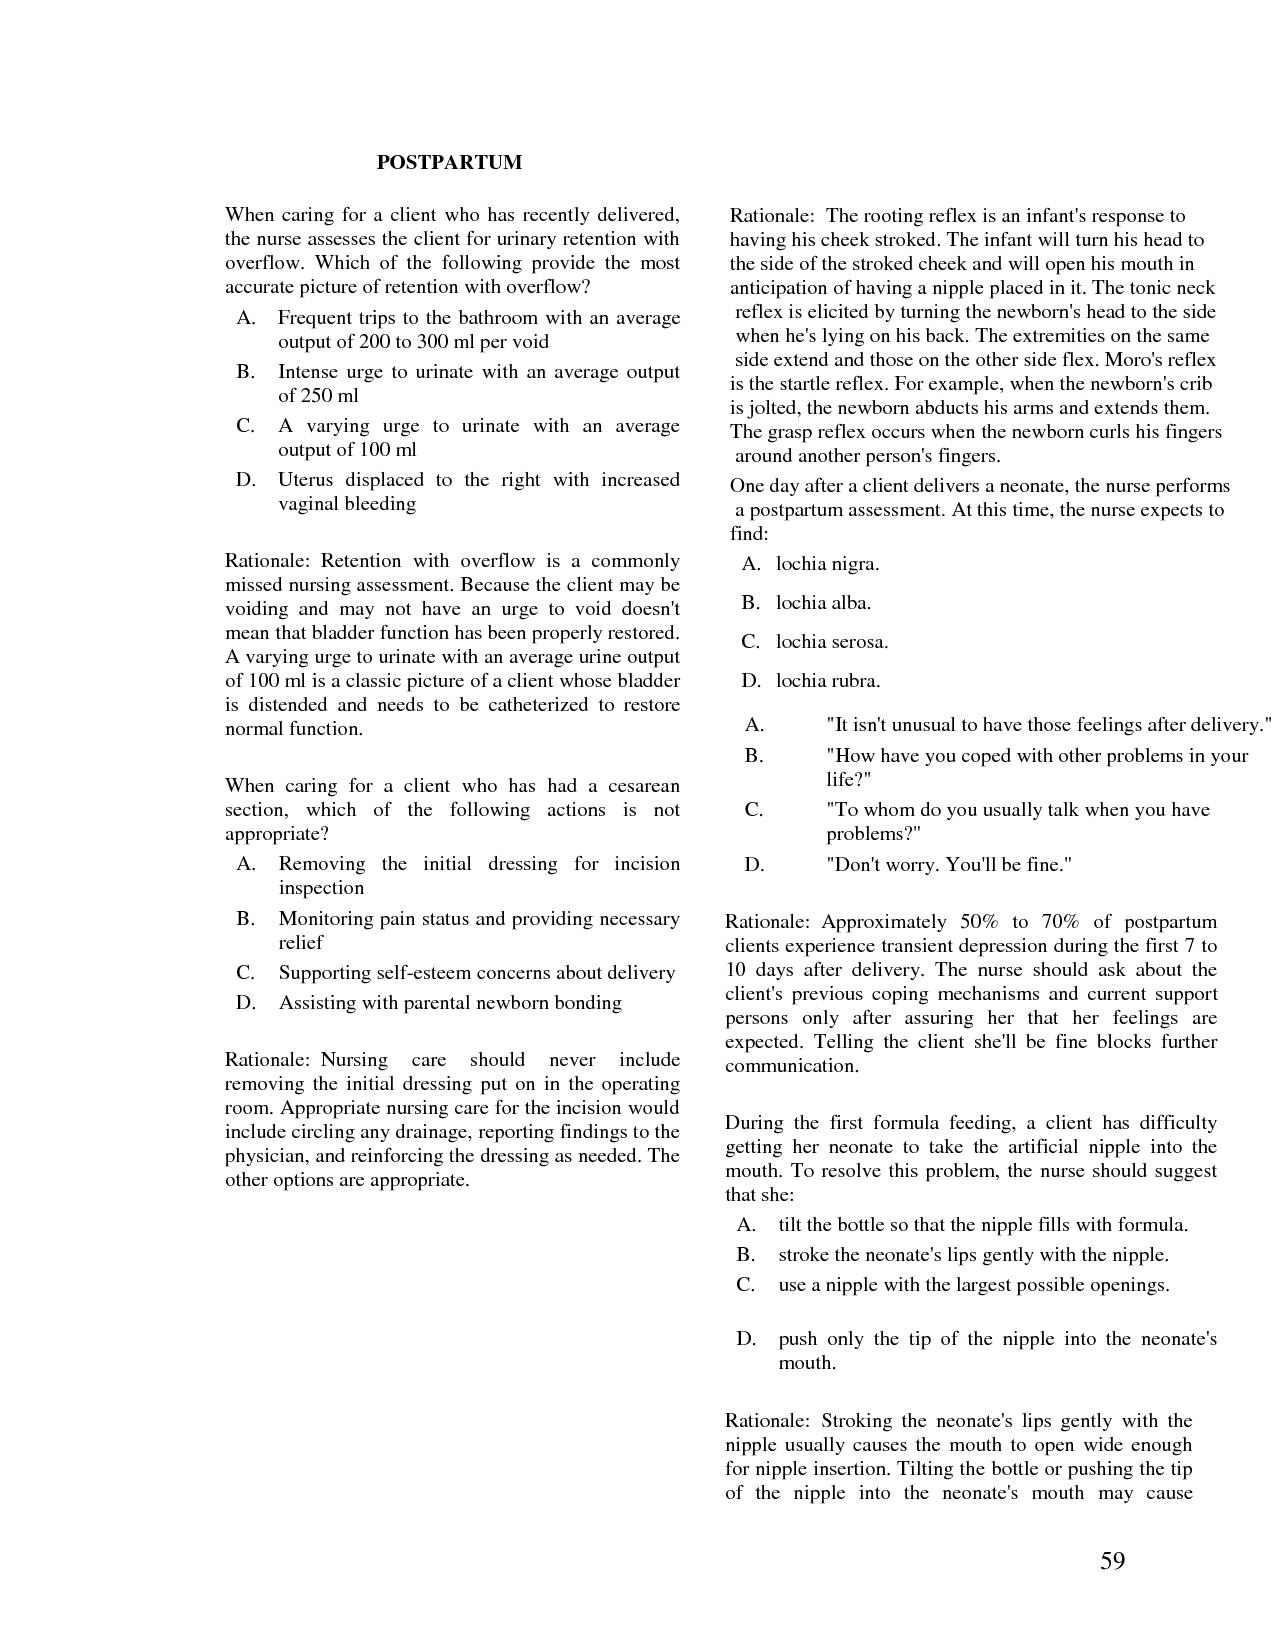 nanda nursing diagnosis 2015 pdf free